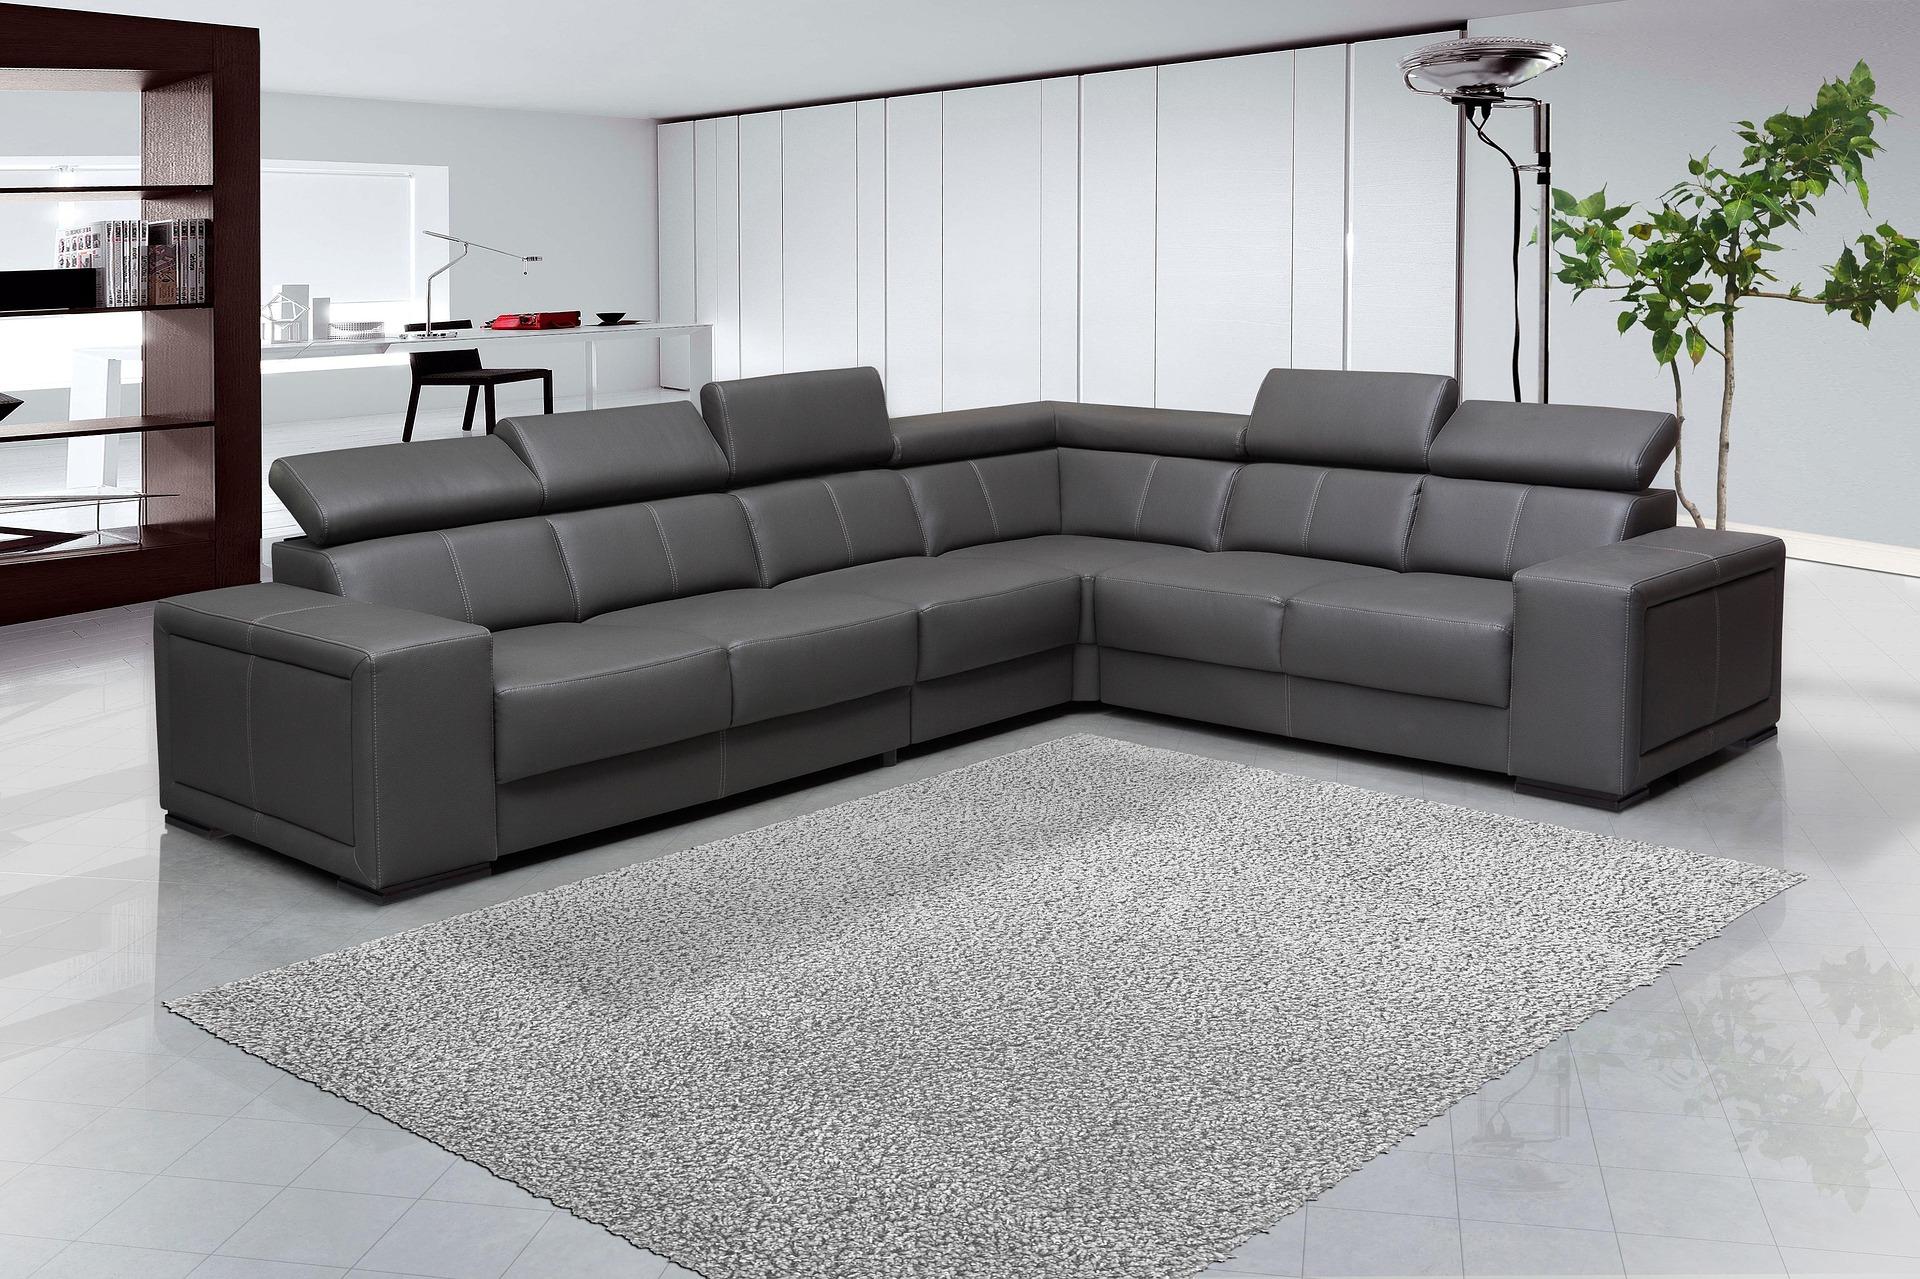 25 Rabatt Auf Das Möbel Deiner Wahl Bei Conforama Preispirat